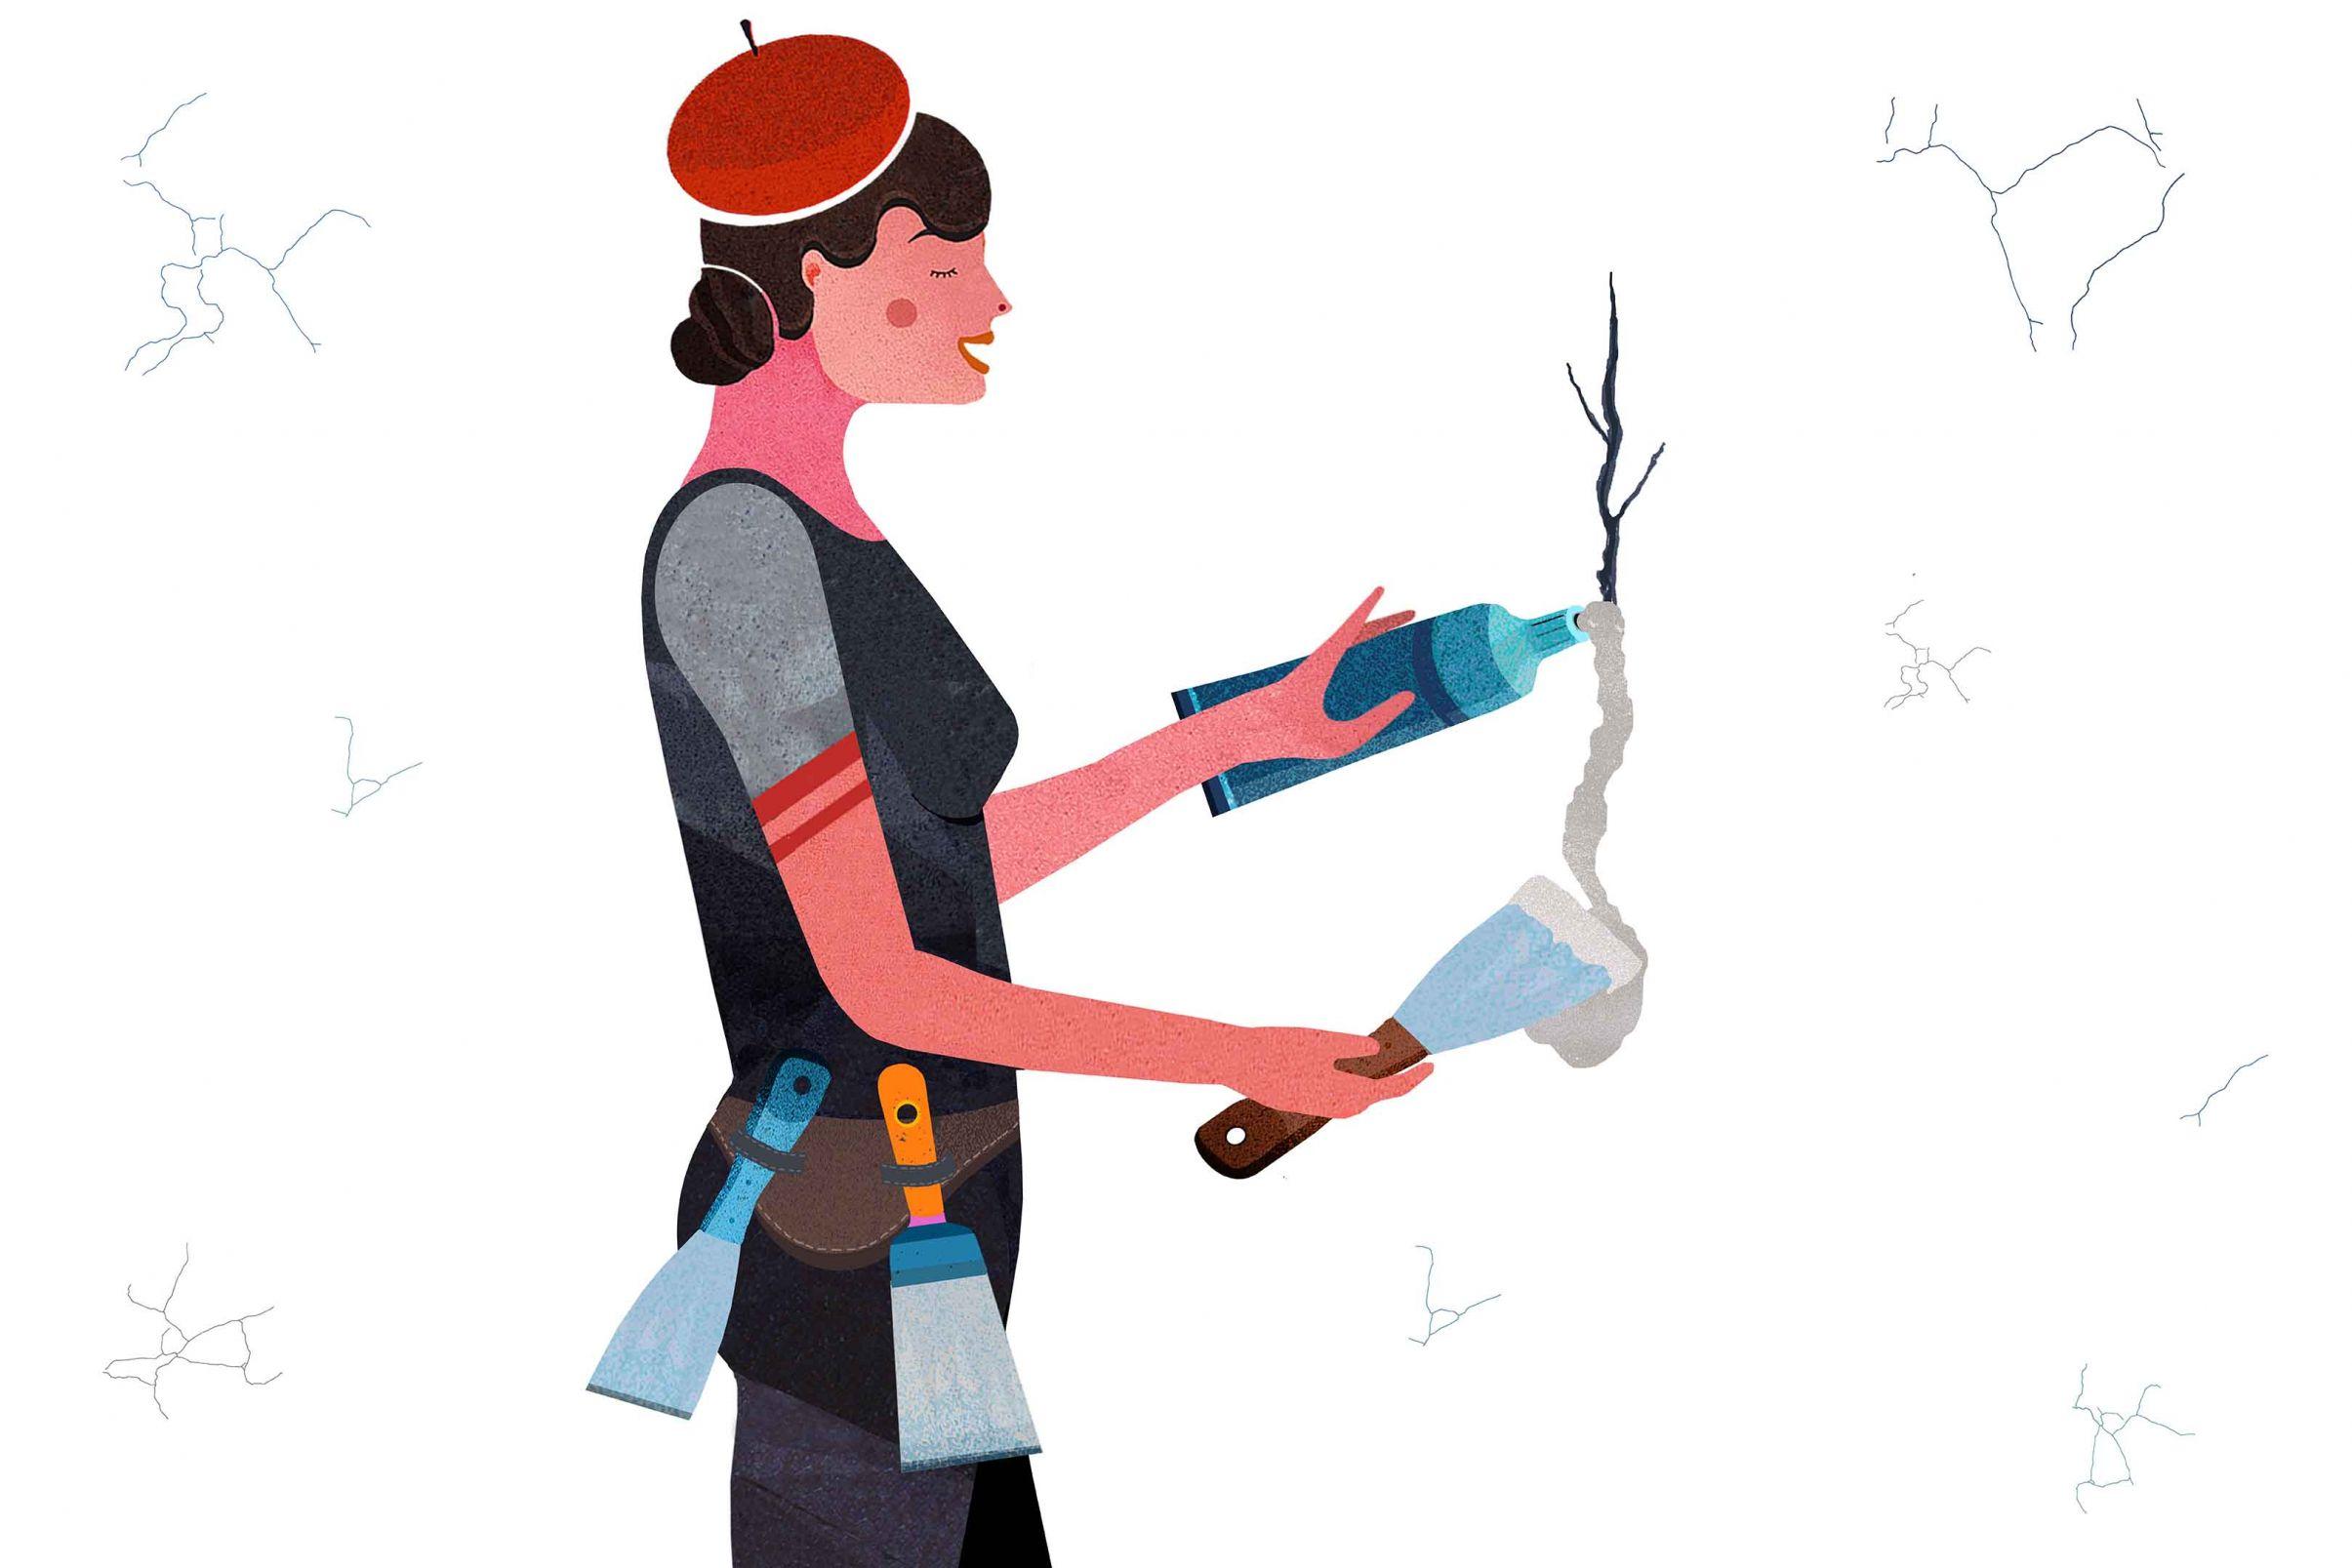 Come-preparare-la-superfice-da-tappezzare-Riempire-piccoli-buchi-e-crepe